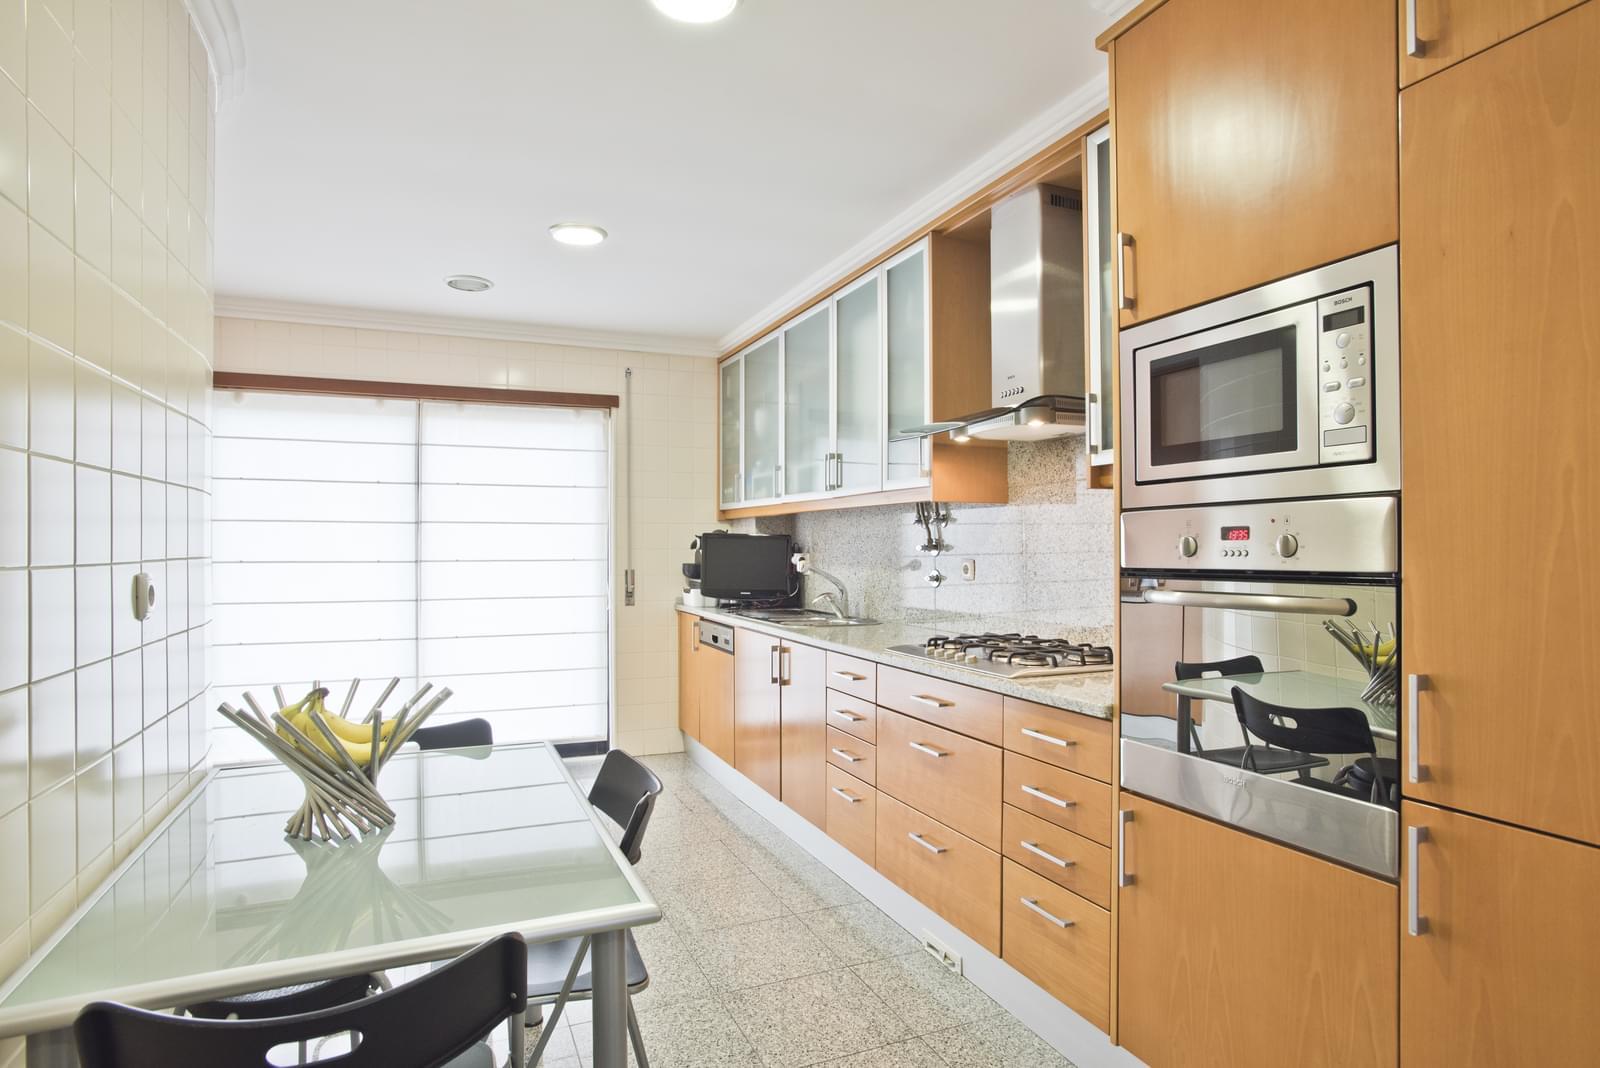 pf17004-apartamento-t3-cascais-13a84aec-65b2-4be1-8b95-b57fbd98e95e